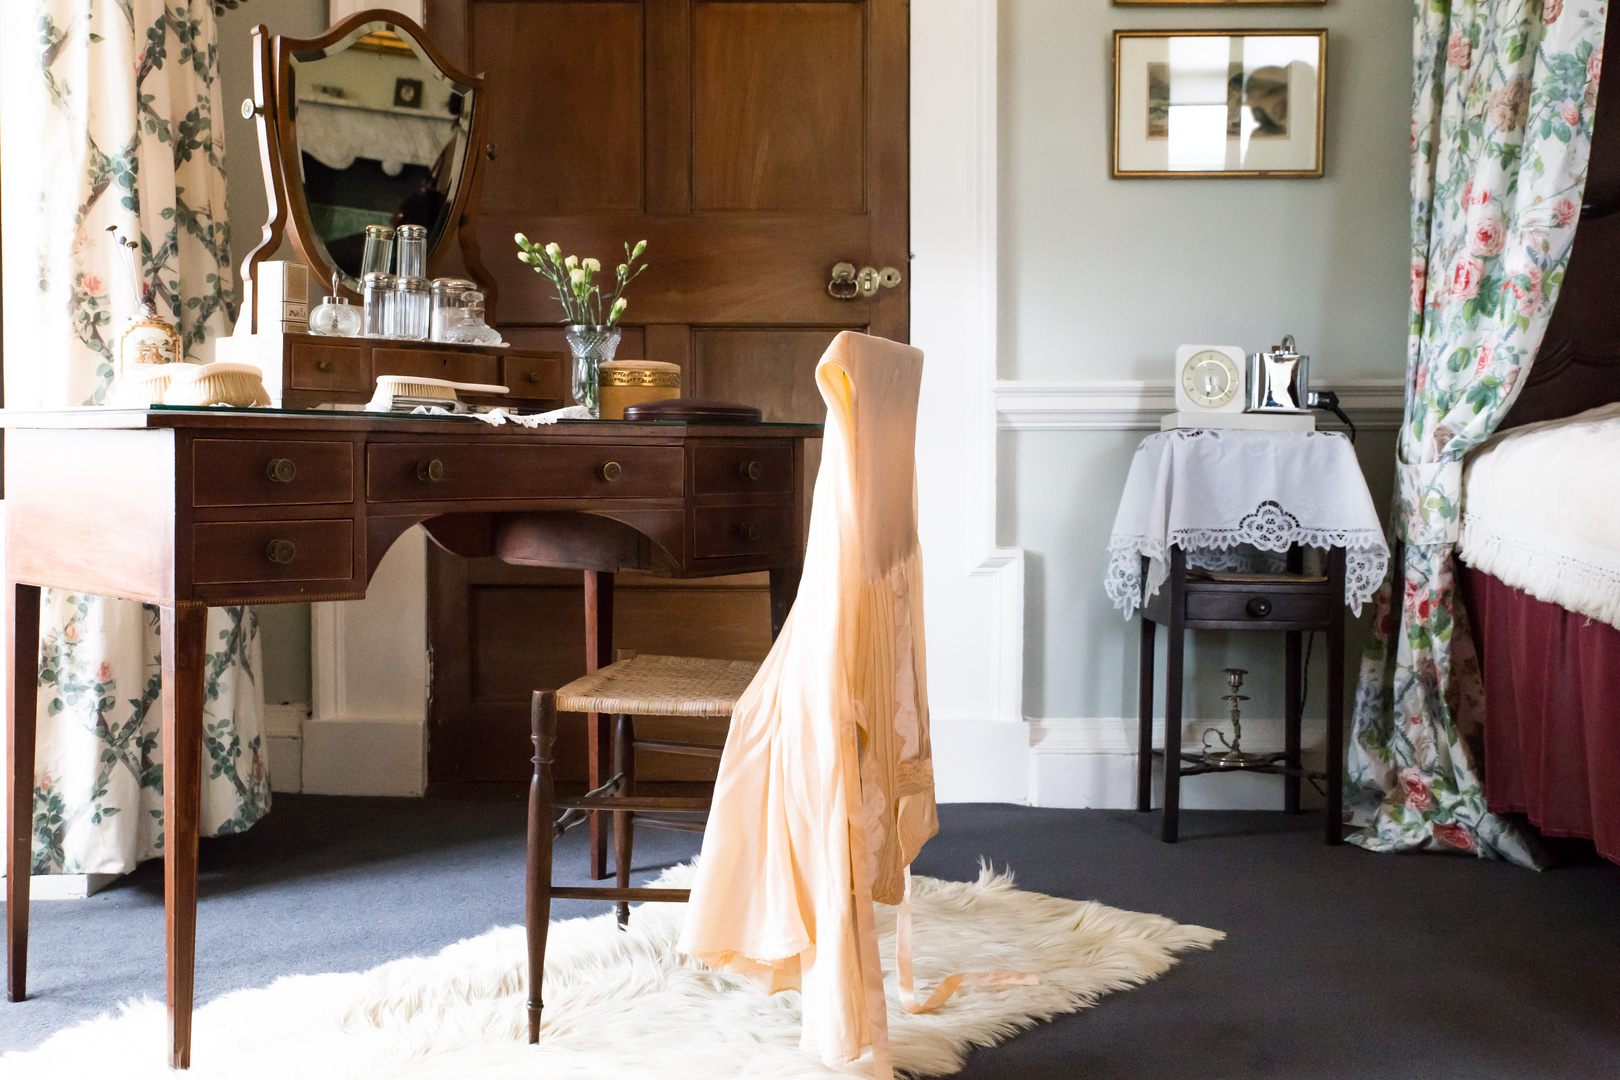 spiegelkommode foto & bild | möbel, sitzmöbel, alltagsdesign bilder